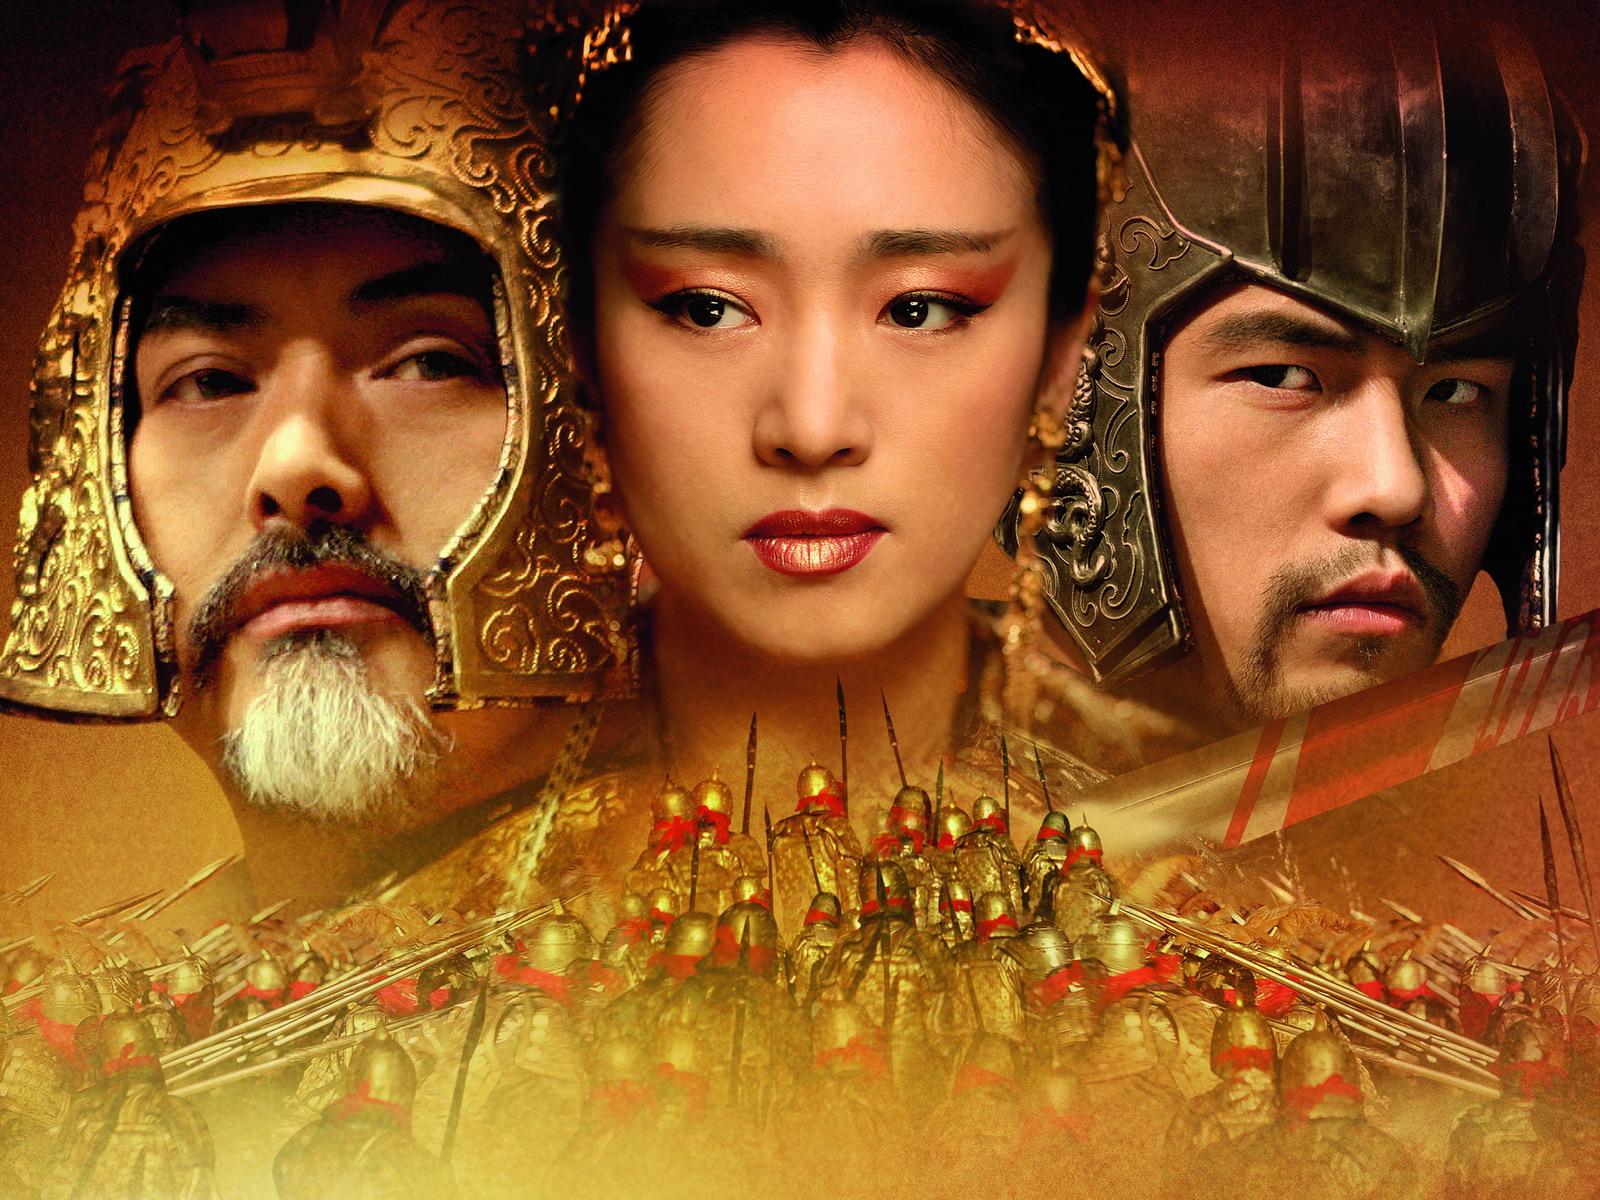 Старый азиатский фильм мужики слизывают